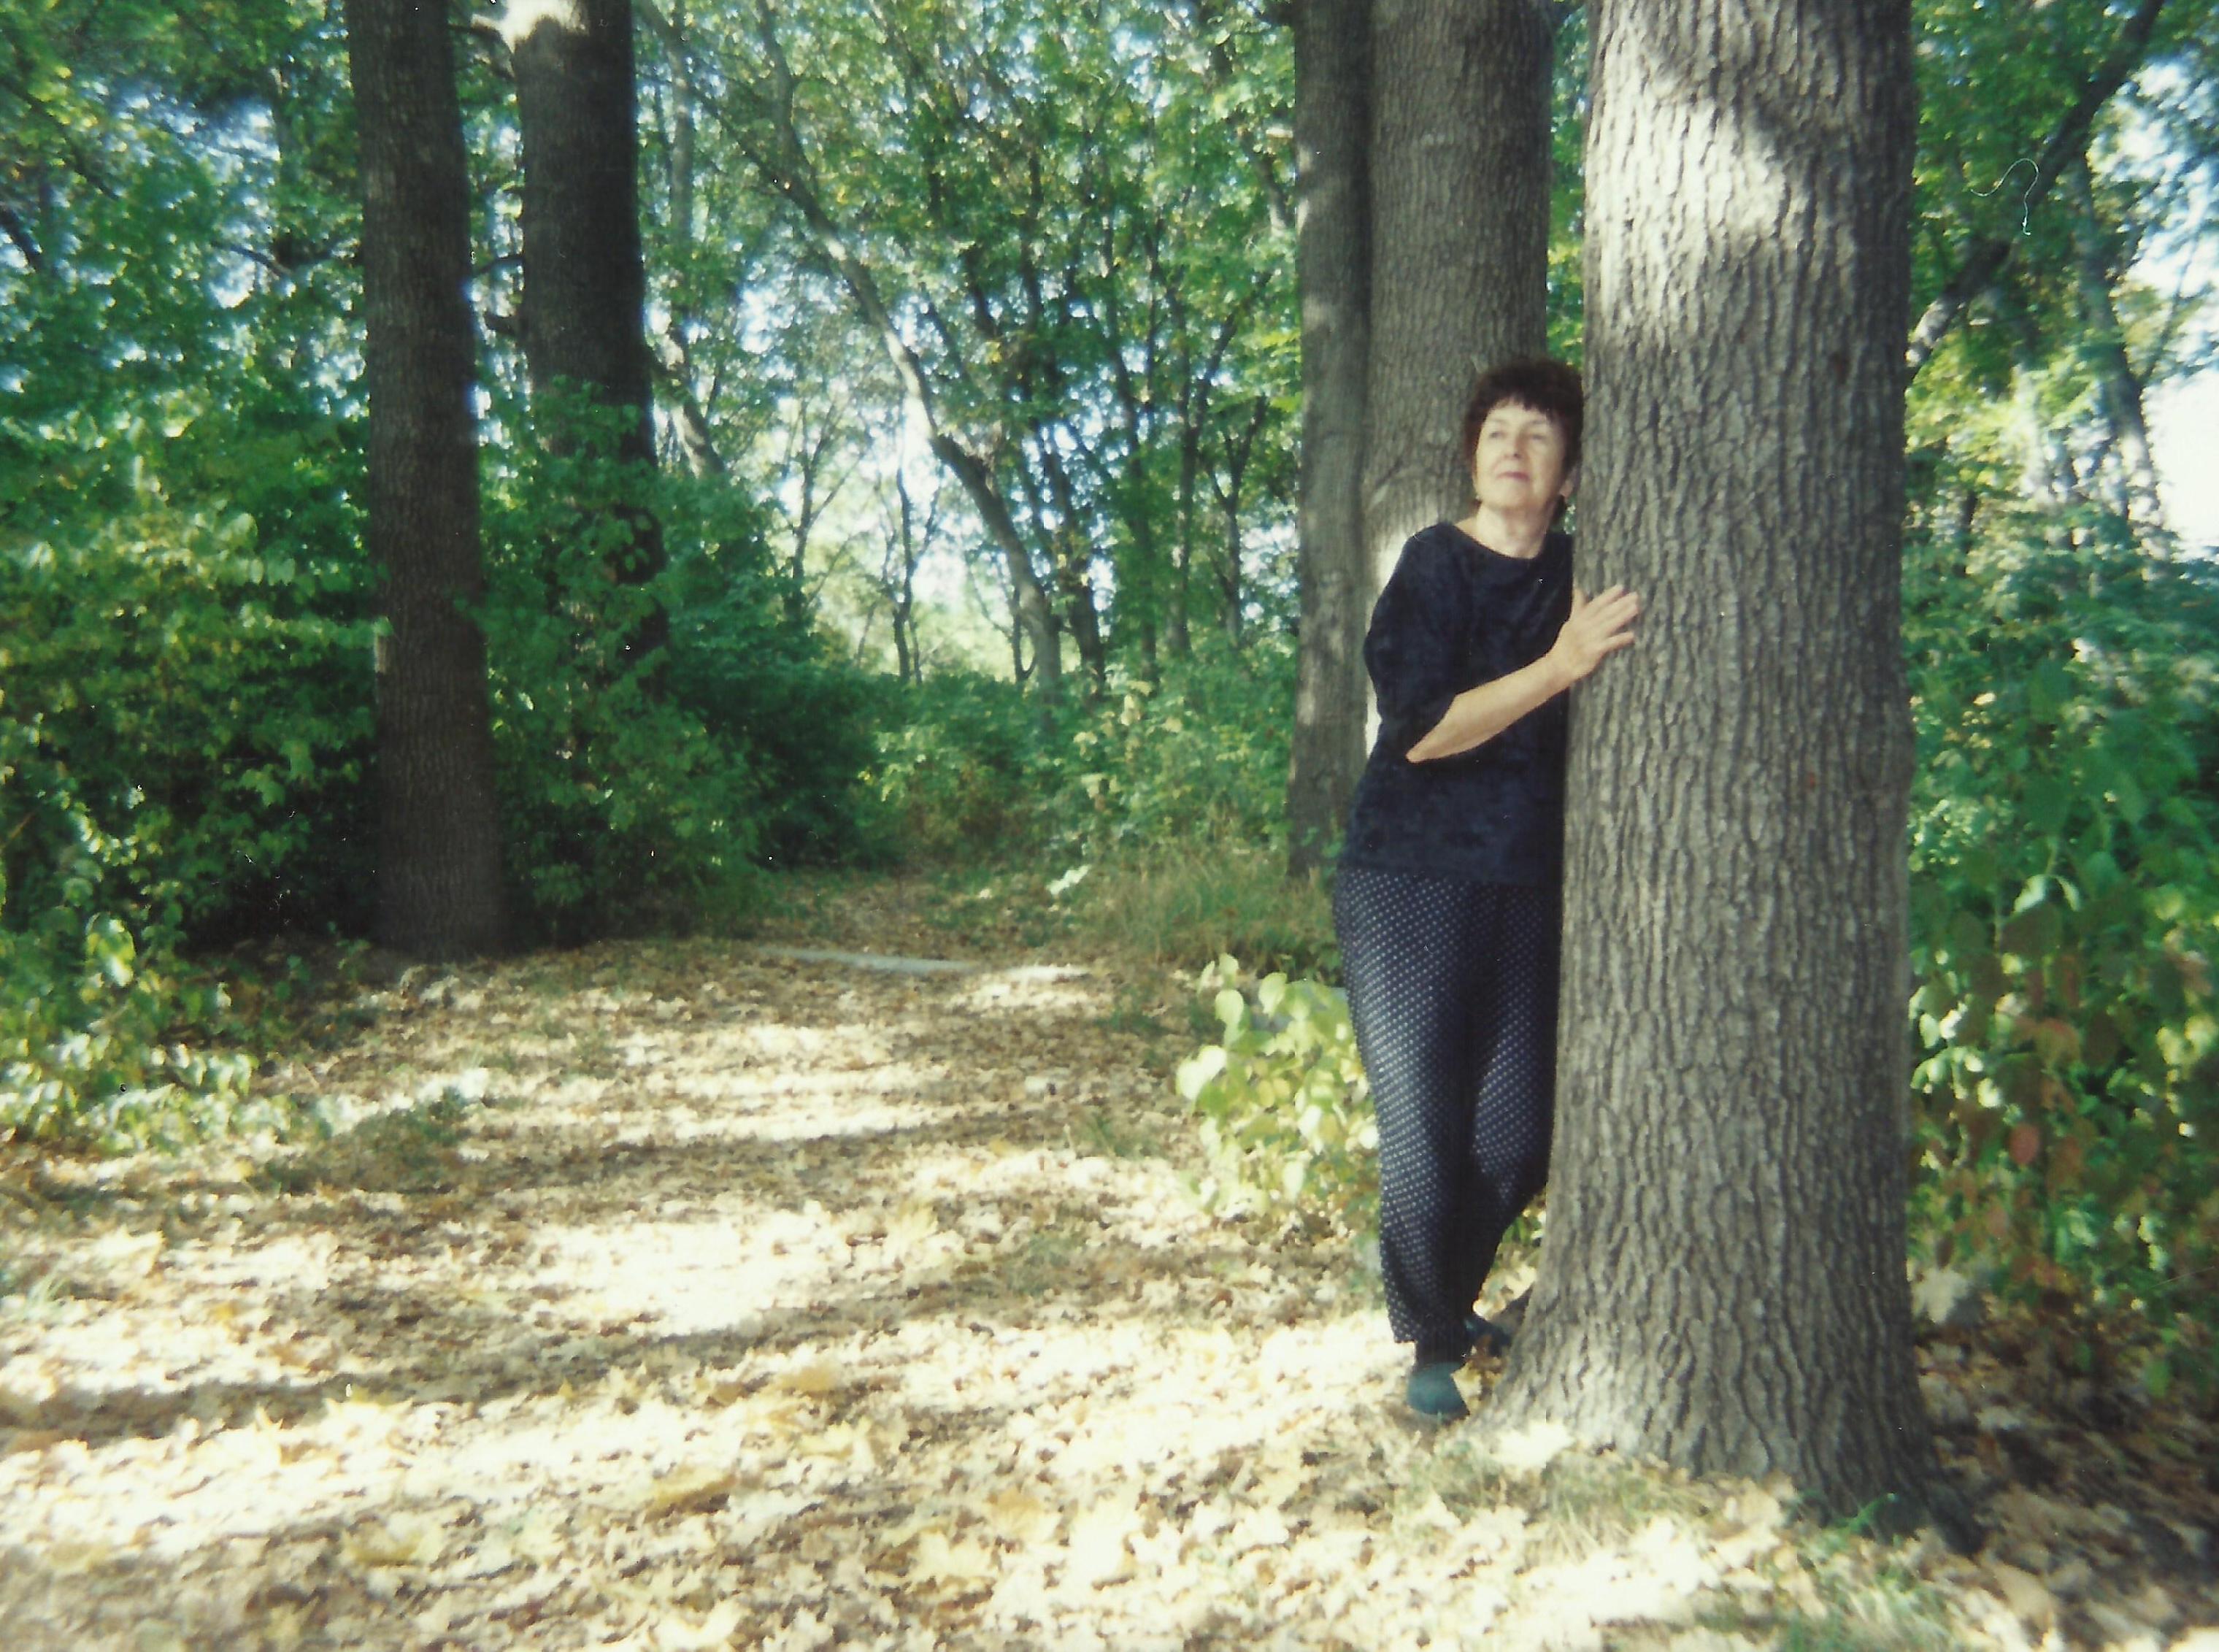 Наталья Петровна Ган в дендропарке Института леса, который заложен Петром Алексеевичем Ганом и теперь носит его имя. Бишкек, 2006.